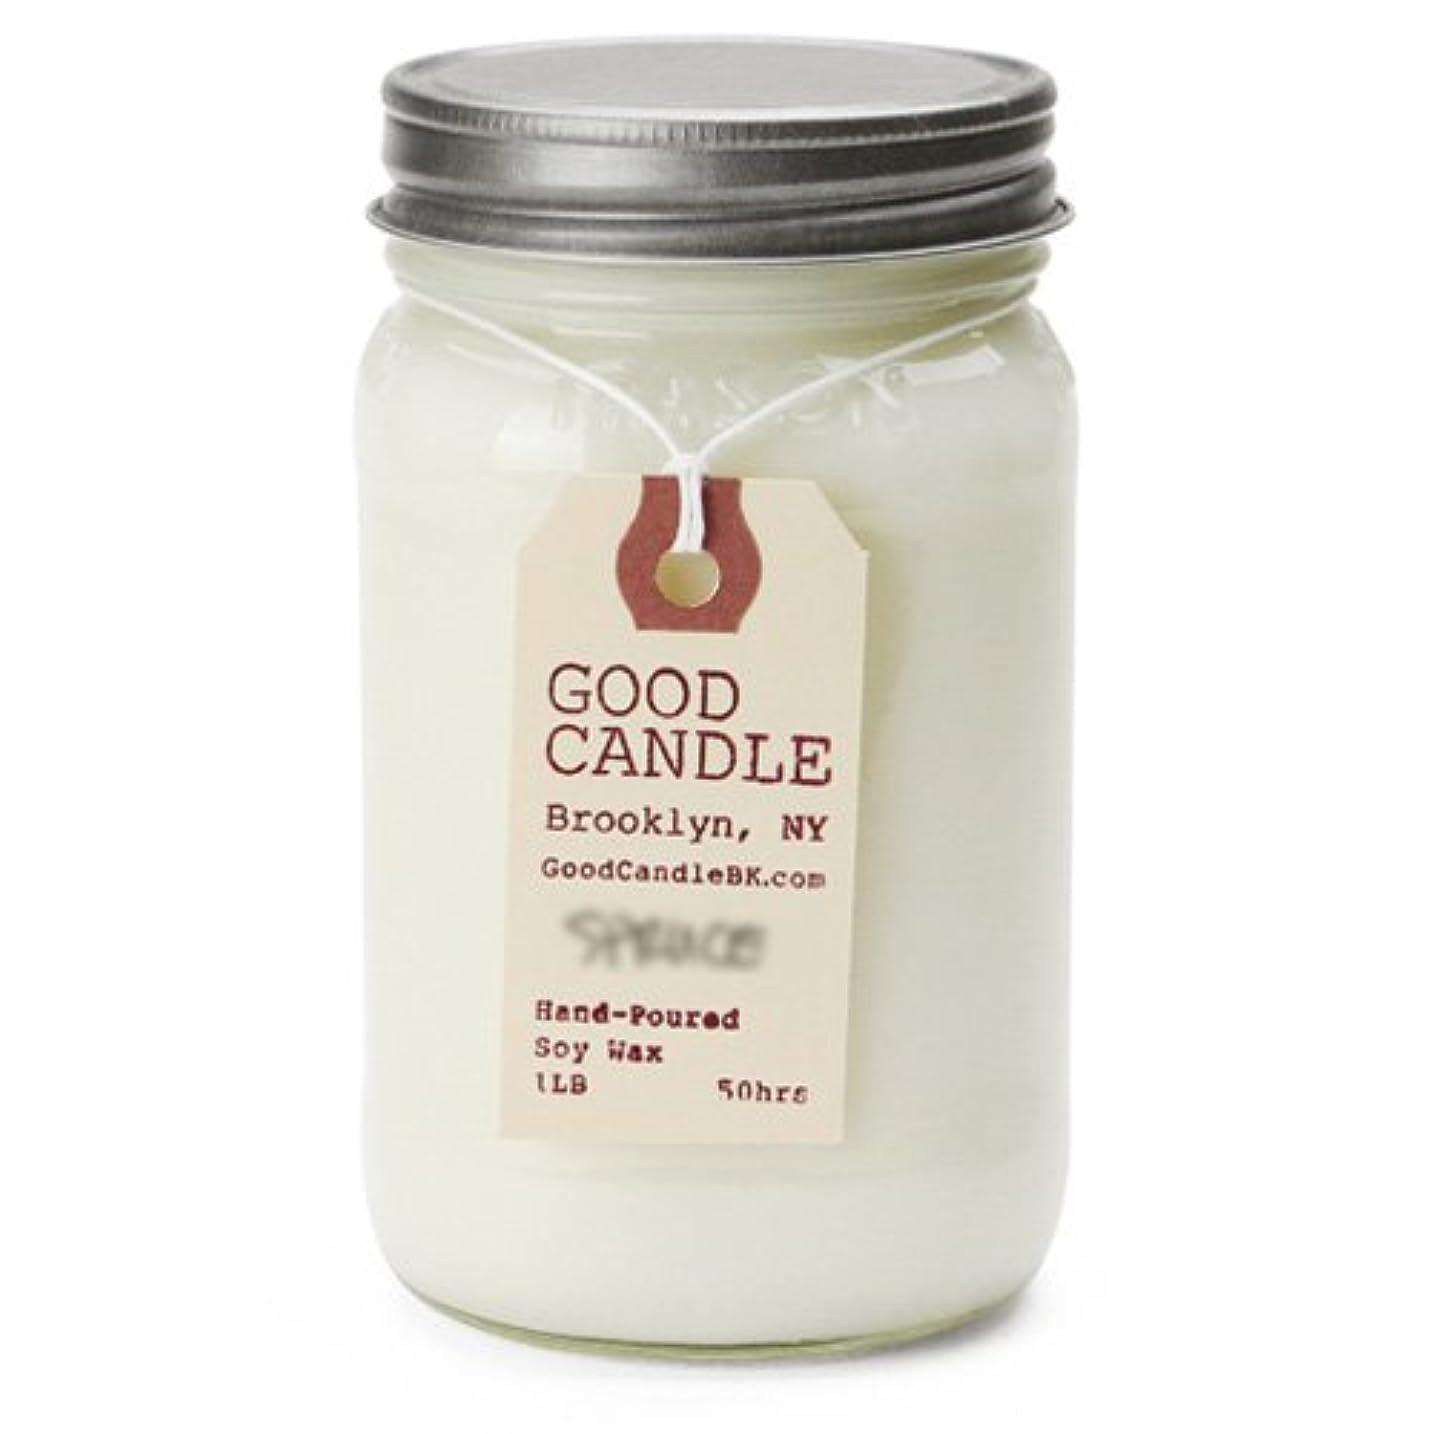 ピグマリオンコンプライアンス眼グッドキャンドル 1ポンド メイソンジャー キャンドル Good Candle 1LB Mason jar candle [ bayberry ] 正規品